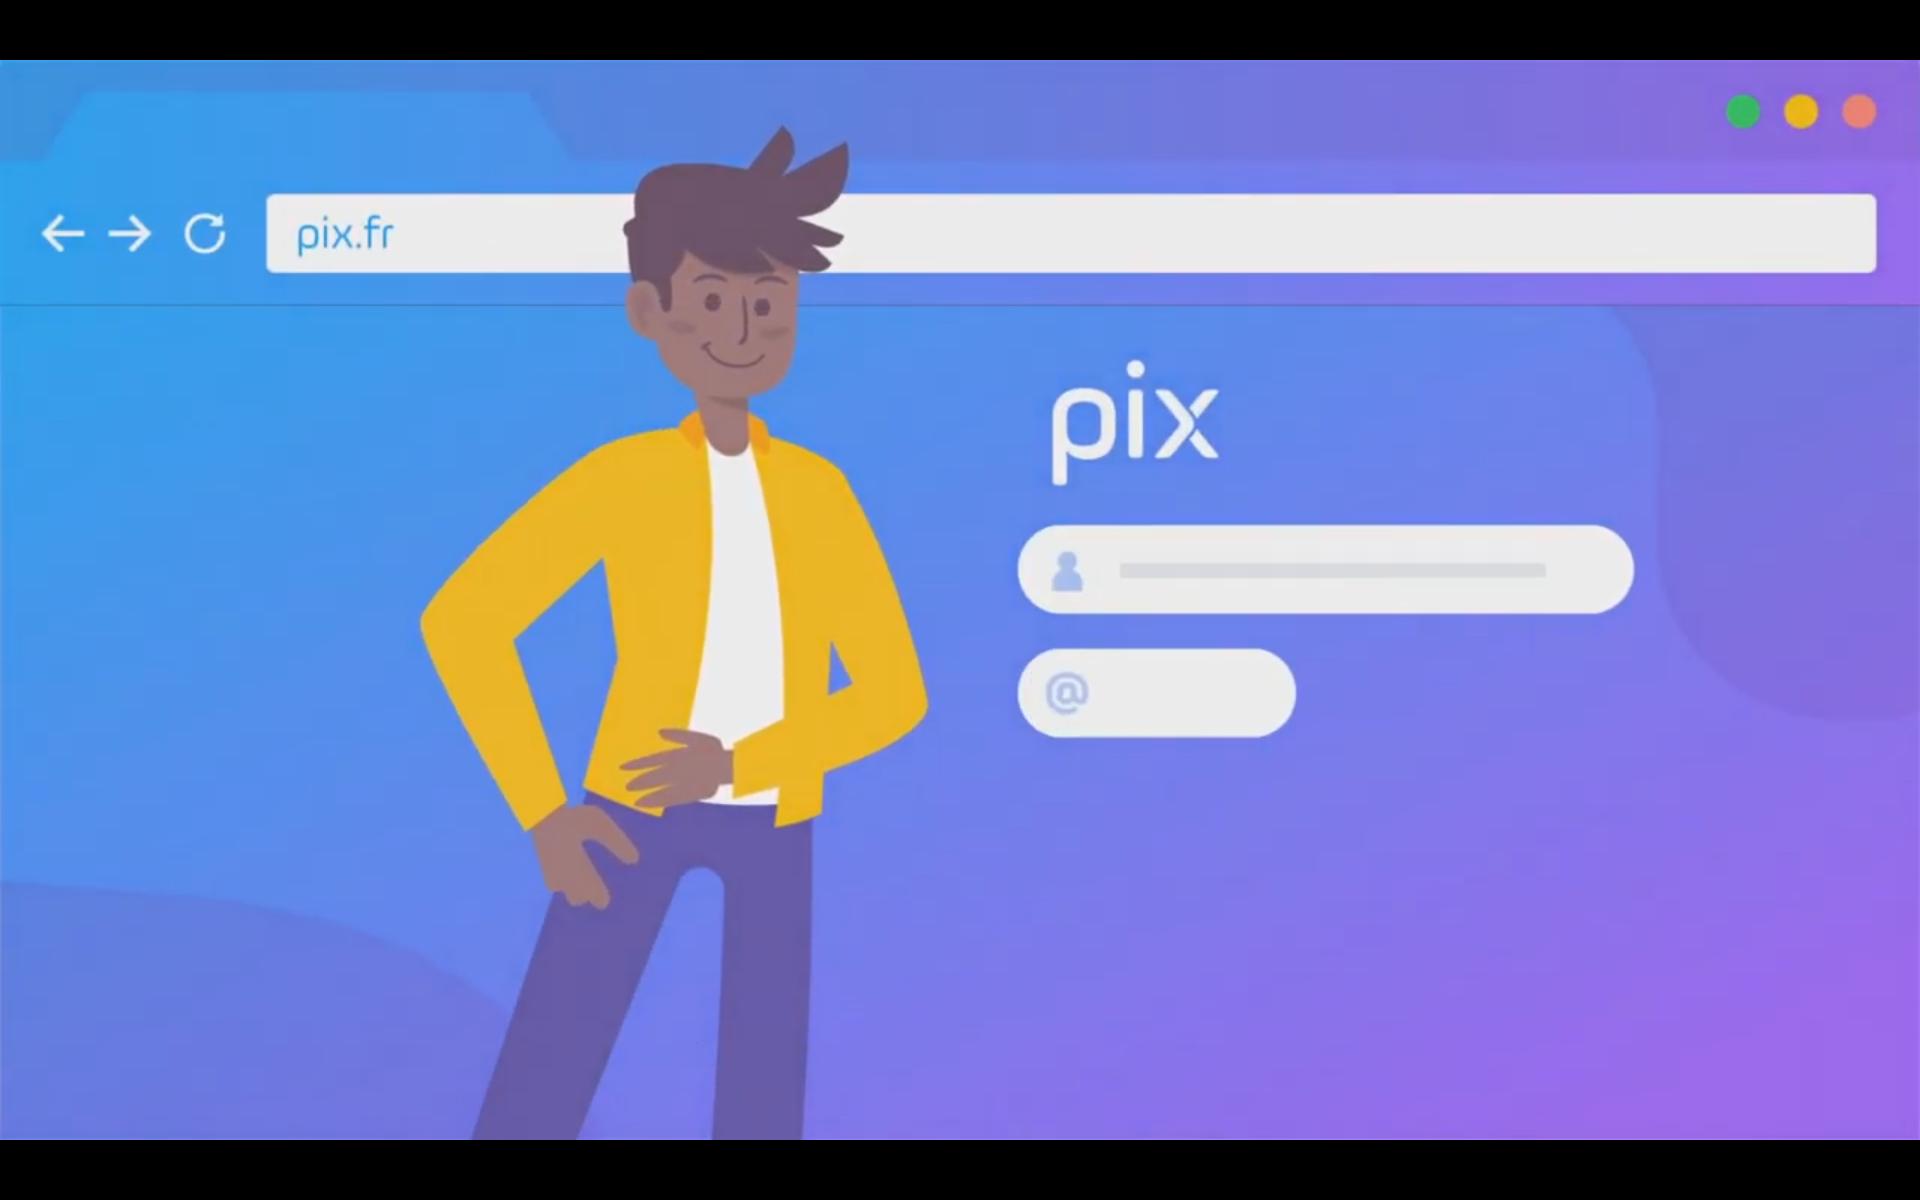 Qu'est-ce que PIX ?